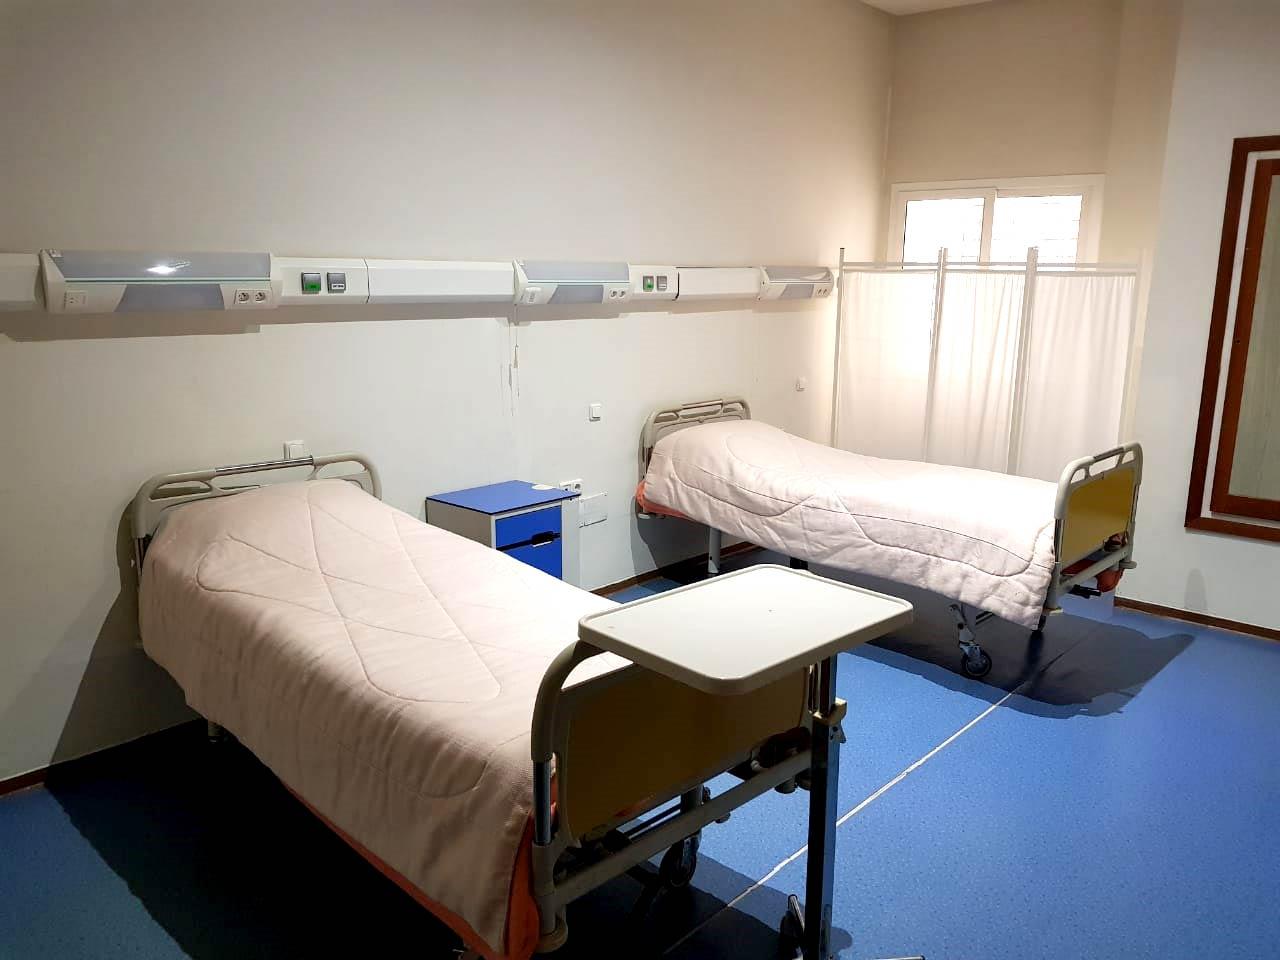 Hôpital de jours4